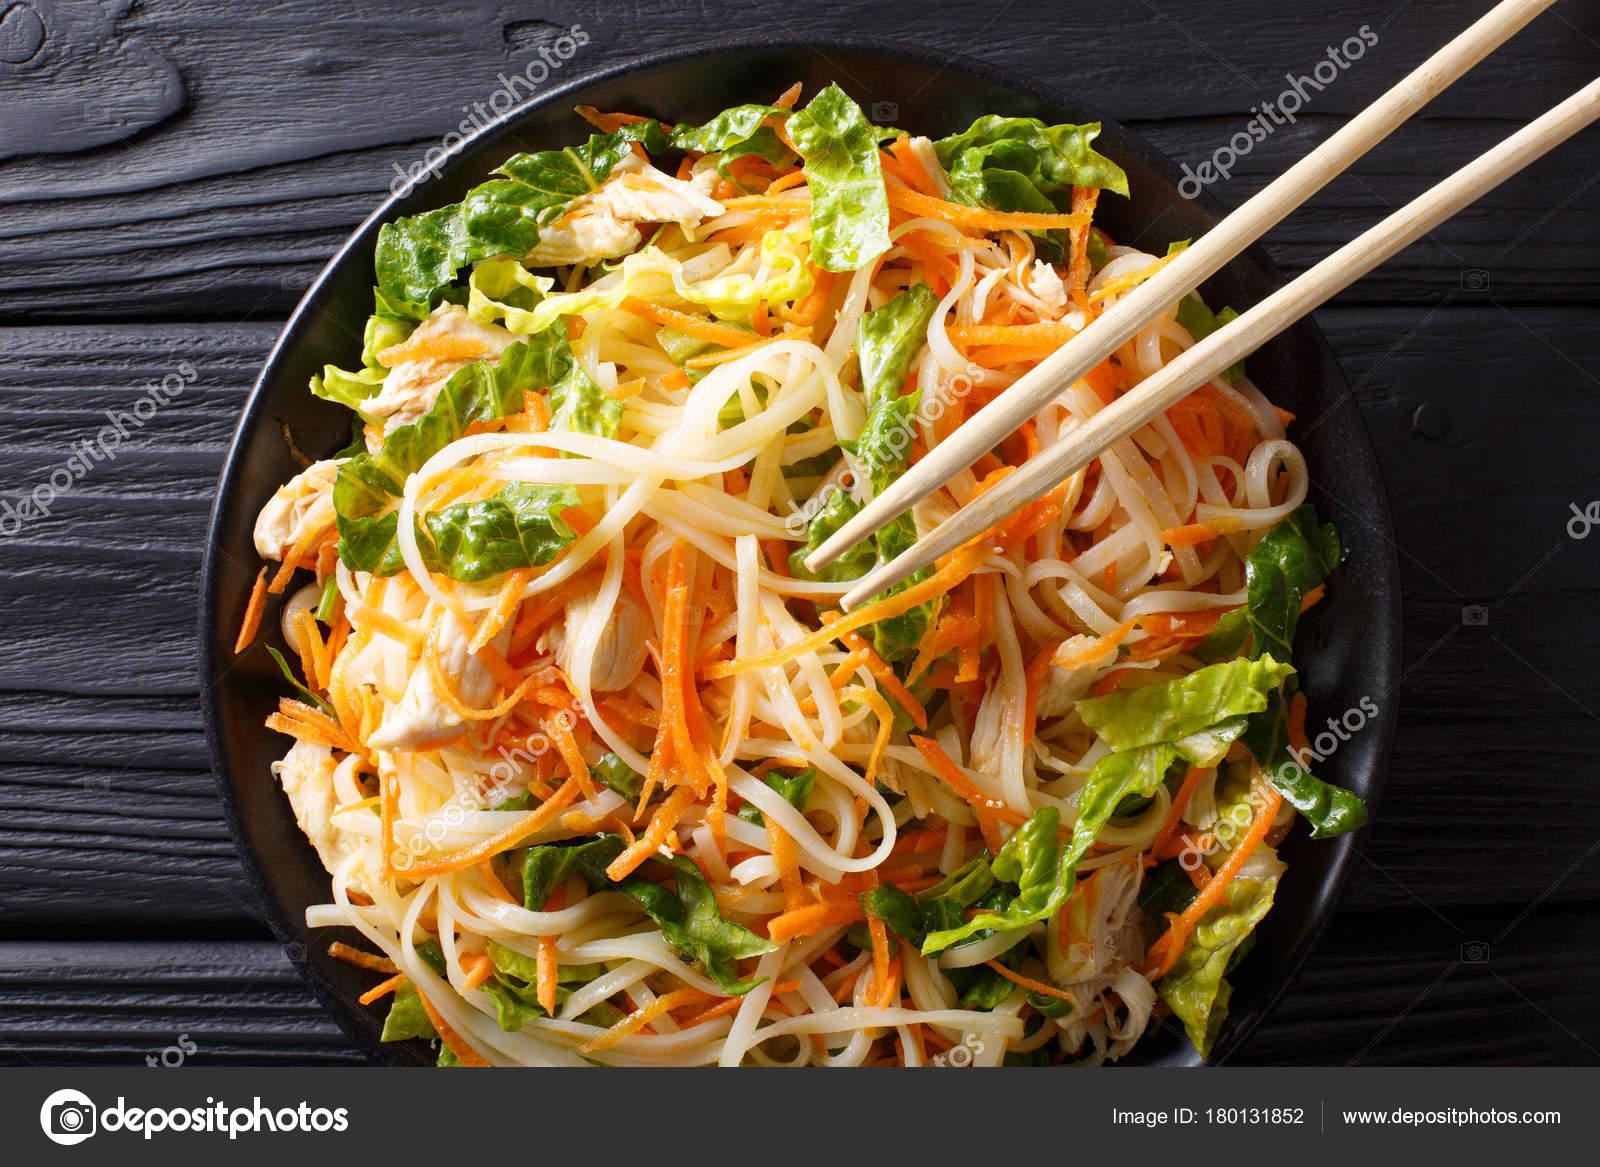 Kuchnia Azjatycka Salatka Z Kurczaka Z Makaronem Ryz Marchew I